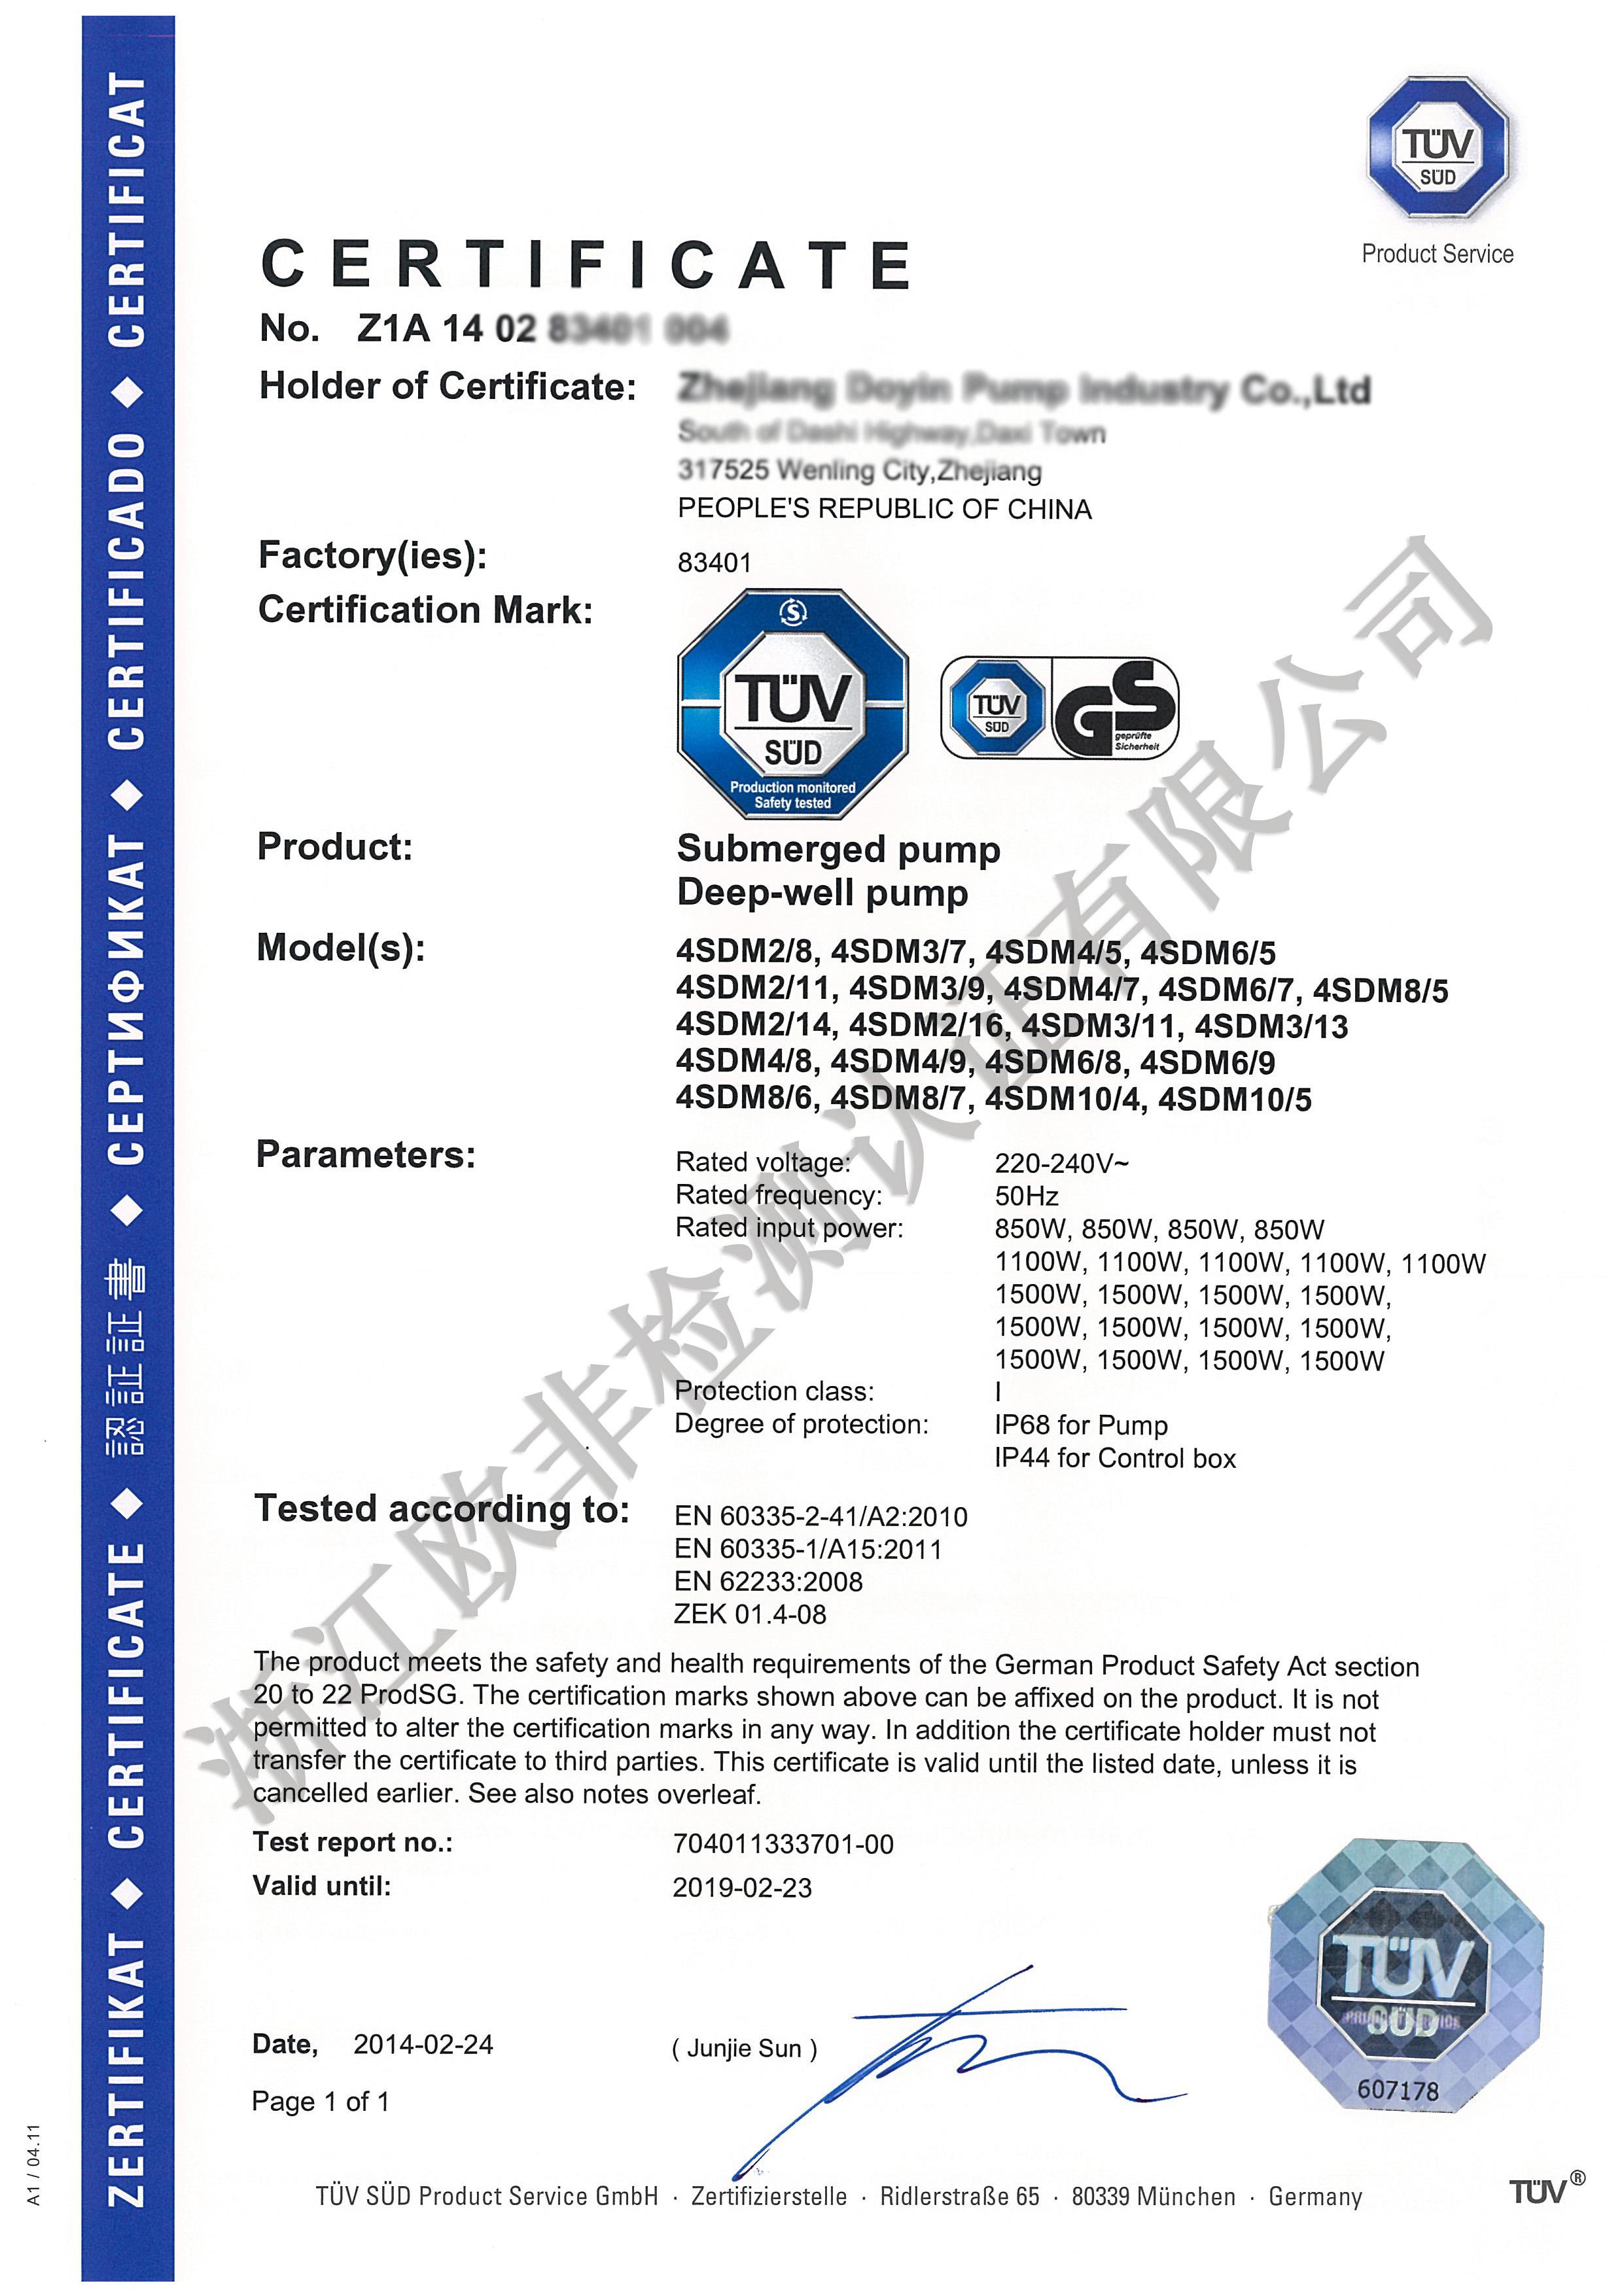 德国GS证书